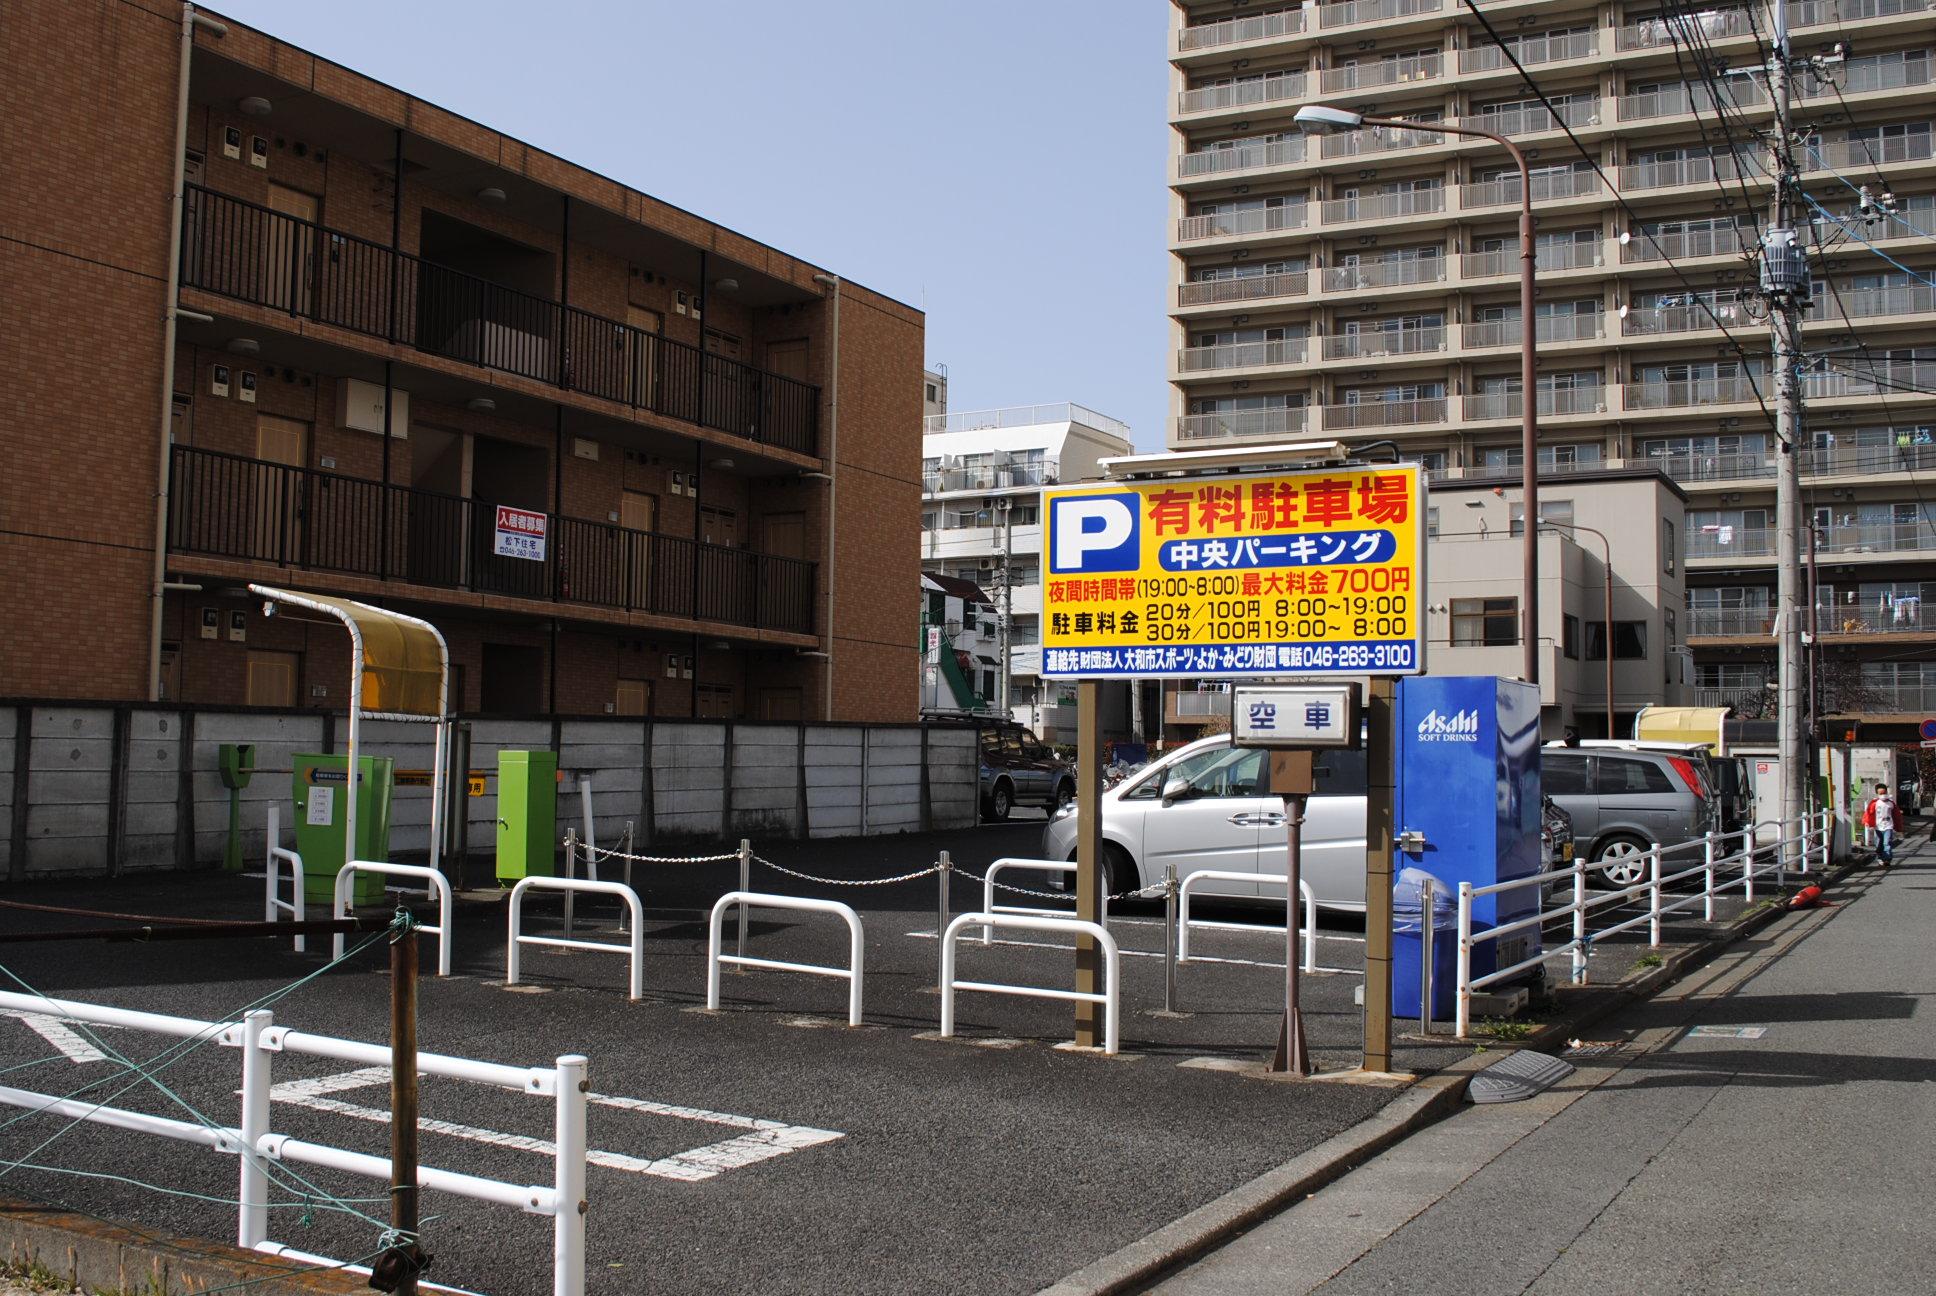 「大和(神奈川)駅」から「スポーツセンター駅」乗 …